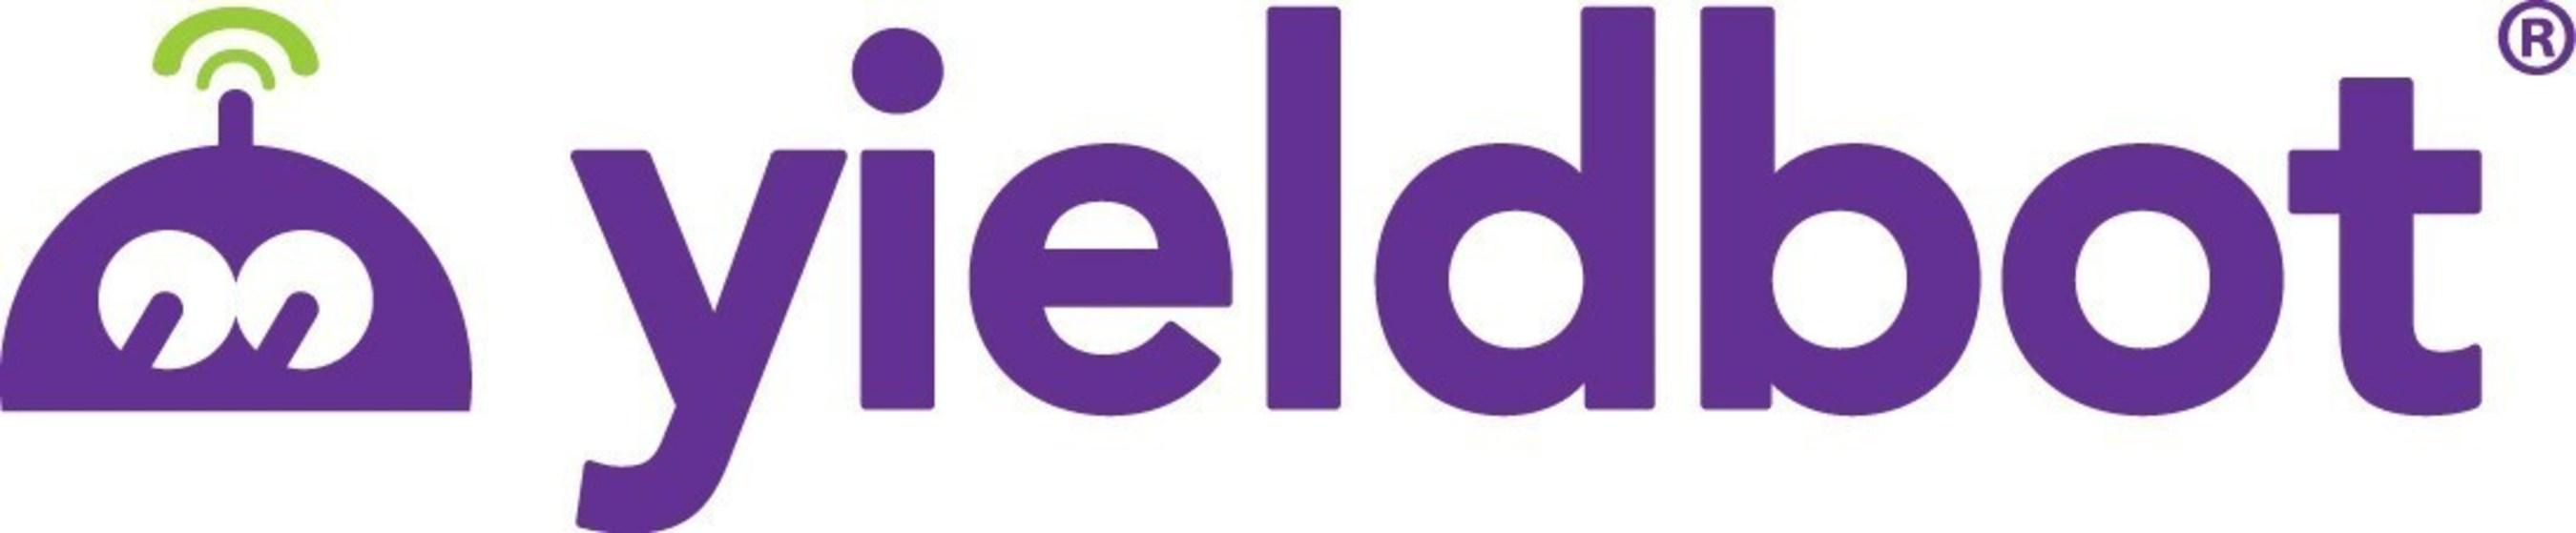 Yieldbot Logo